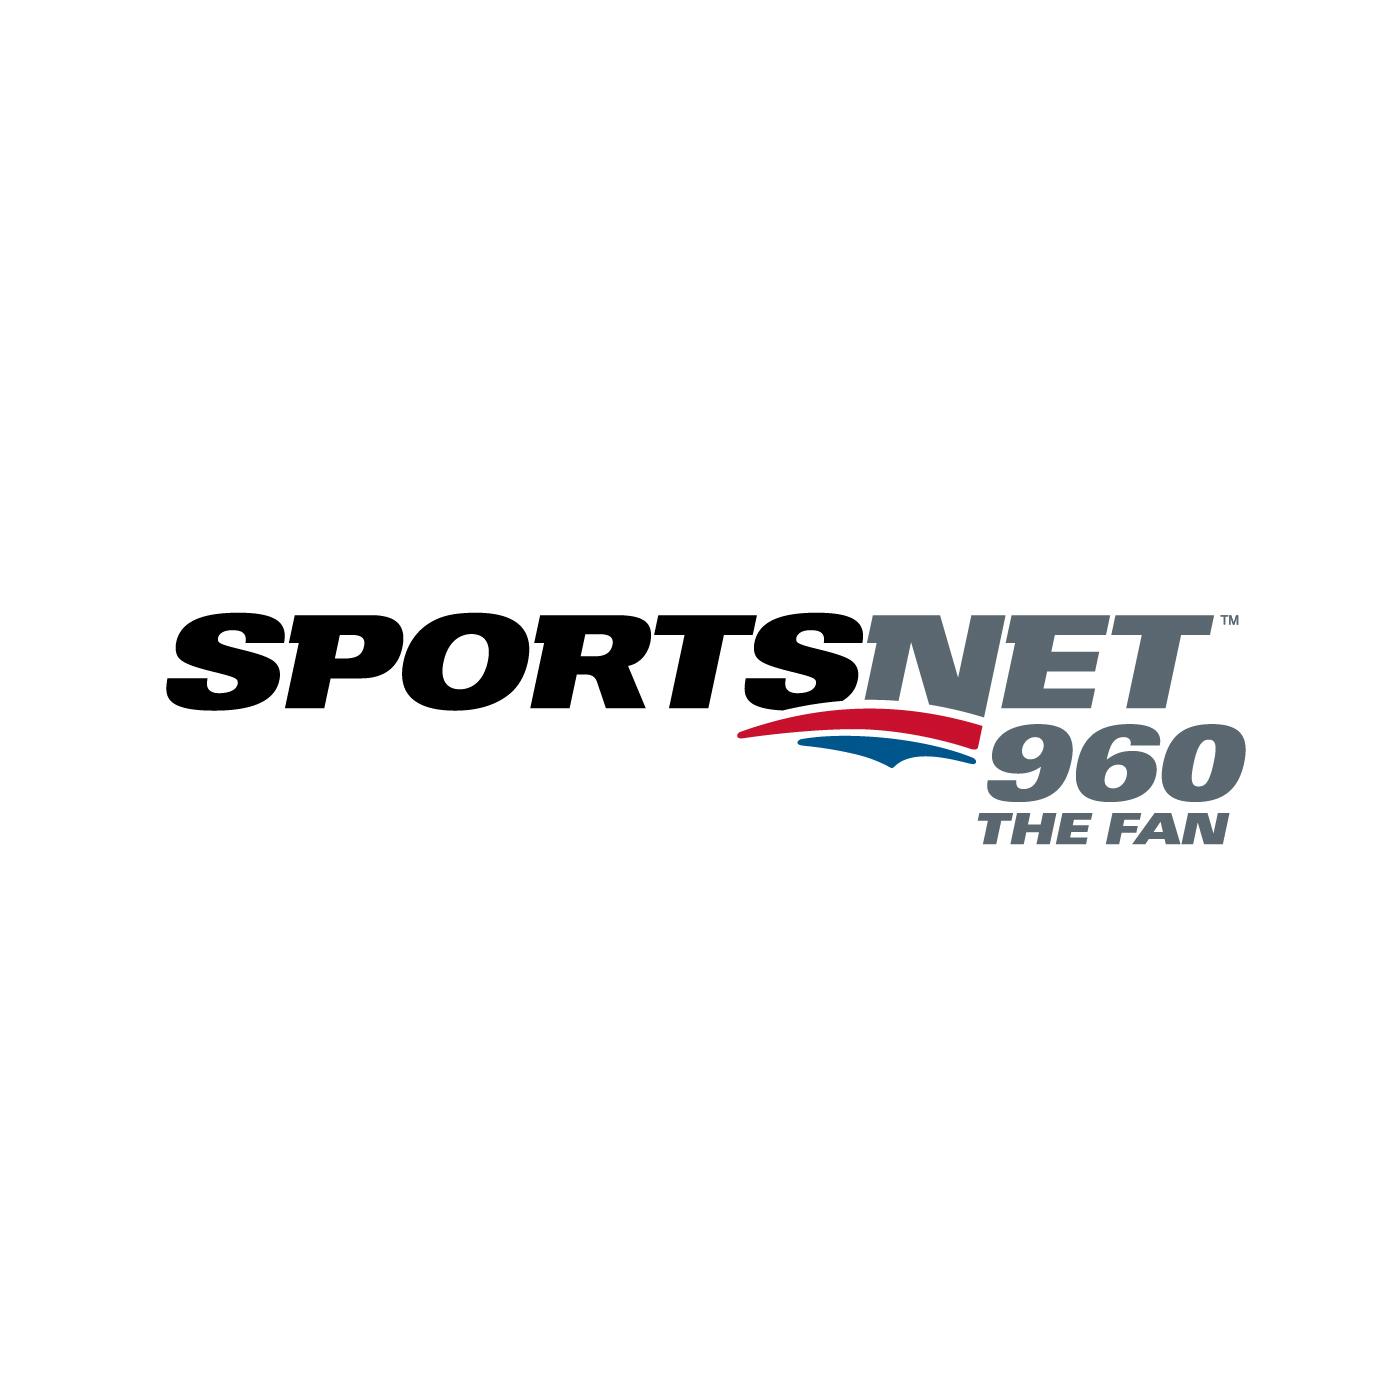 Sportsnet 960 1400x1400